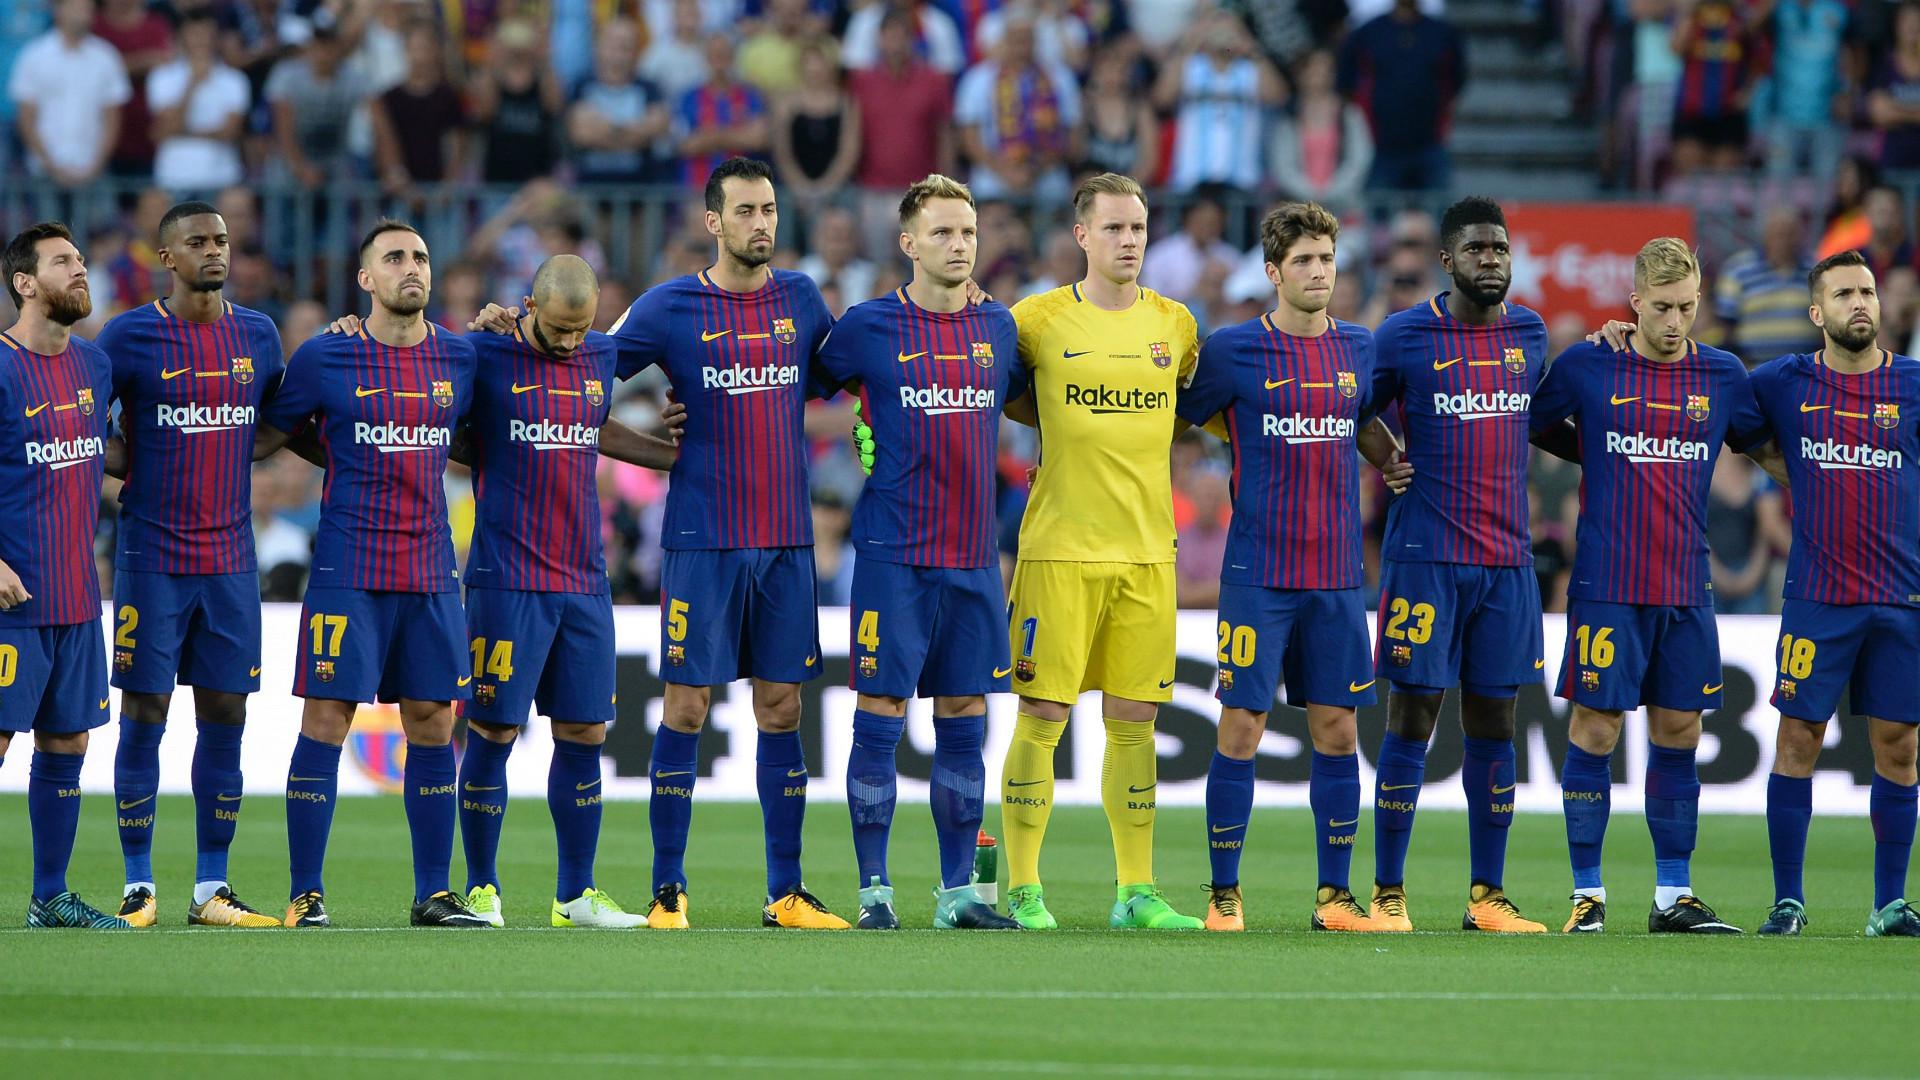 بالصور صور فريق برشلونة , معلومات عن برشلونه 5372 2